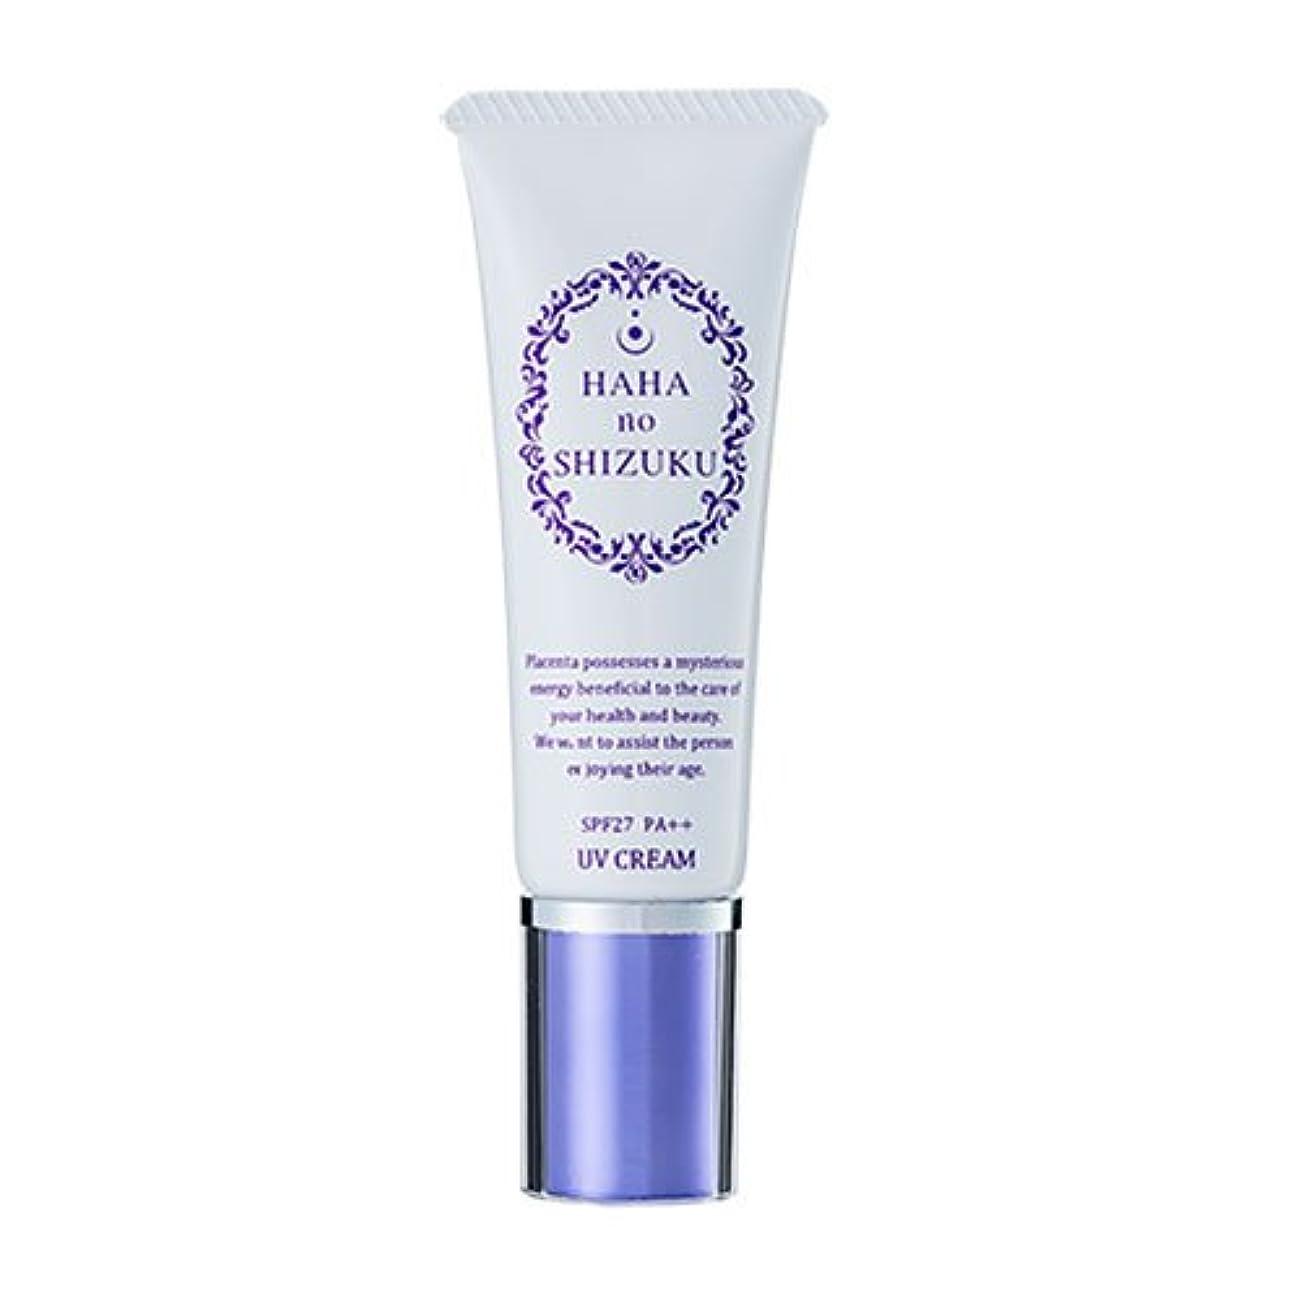 ファセット低い犯人母の滴 プラセンタクUVクリーム 美白効果 UVカット 敏感肌にも安心 (30g) ラセンタエキス サイタイエキス アミノ酸